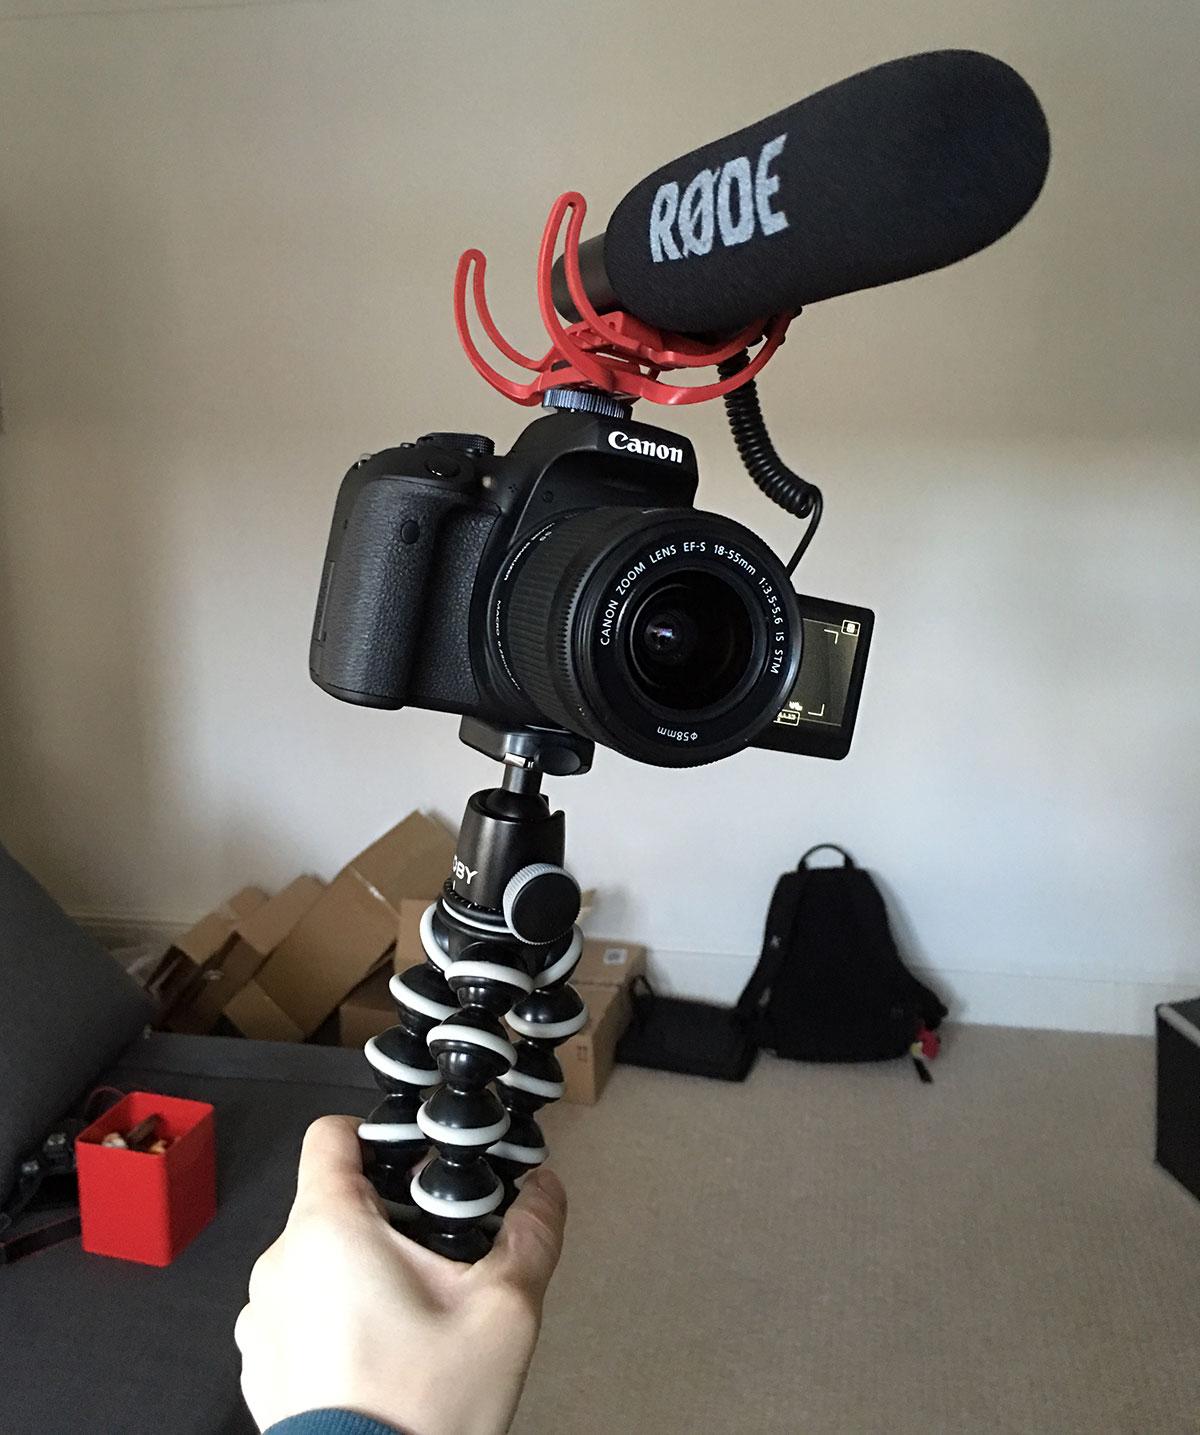 Vlog camera rig